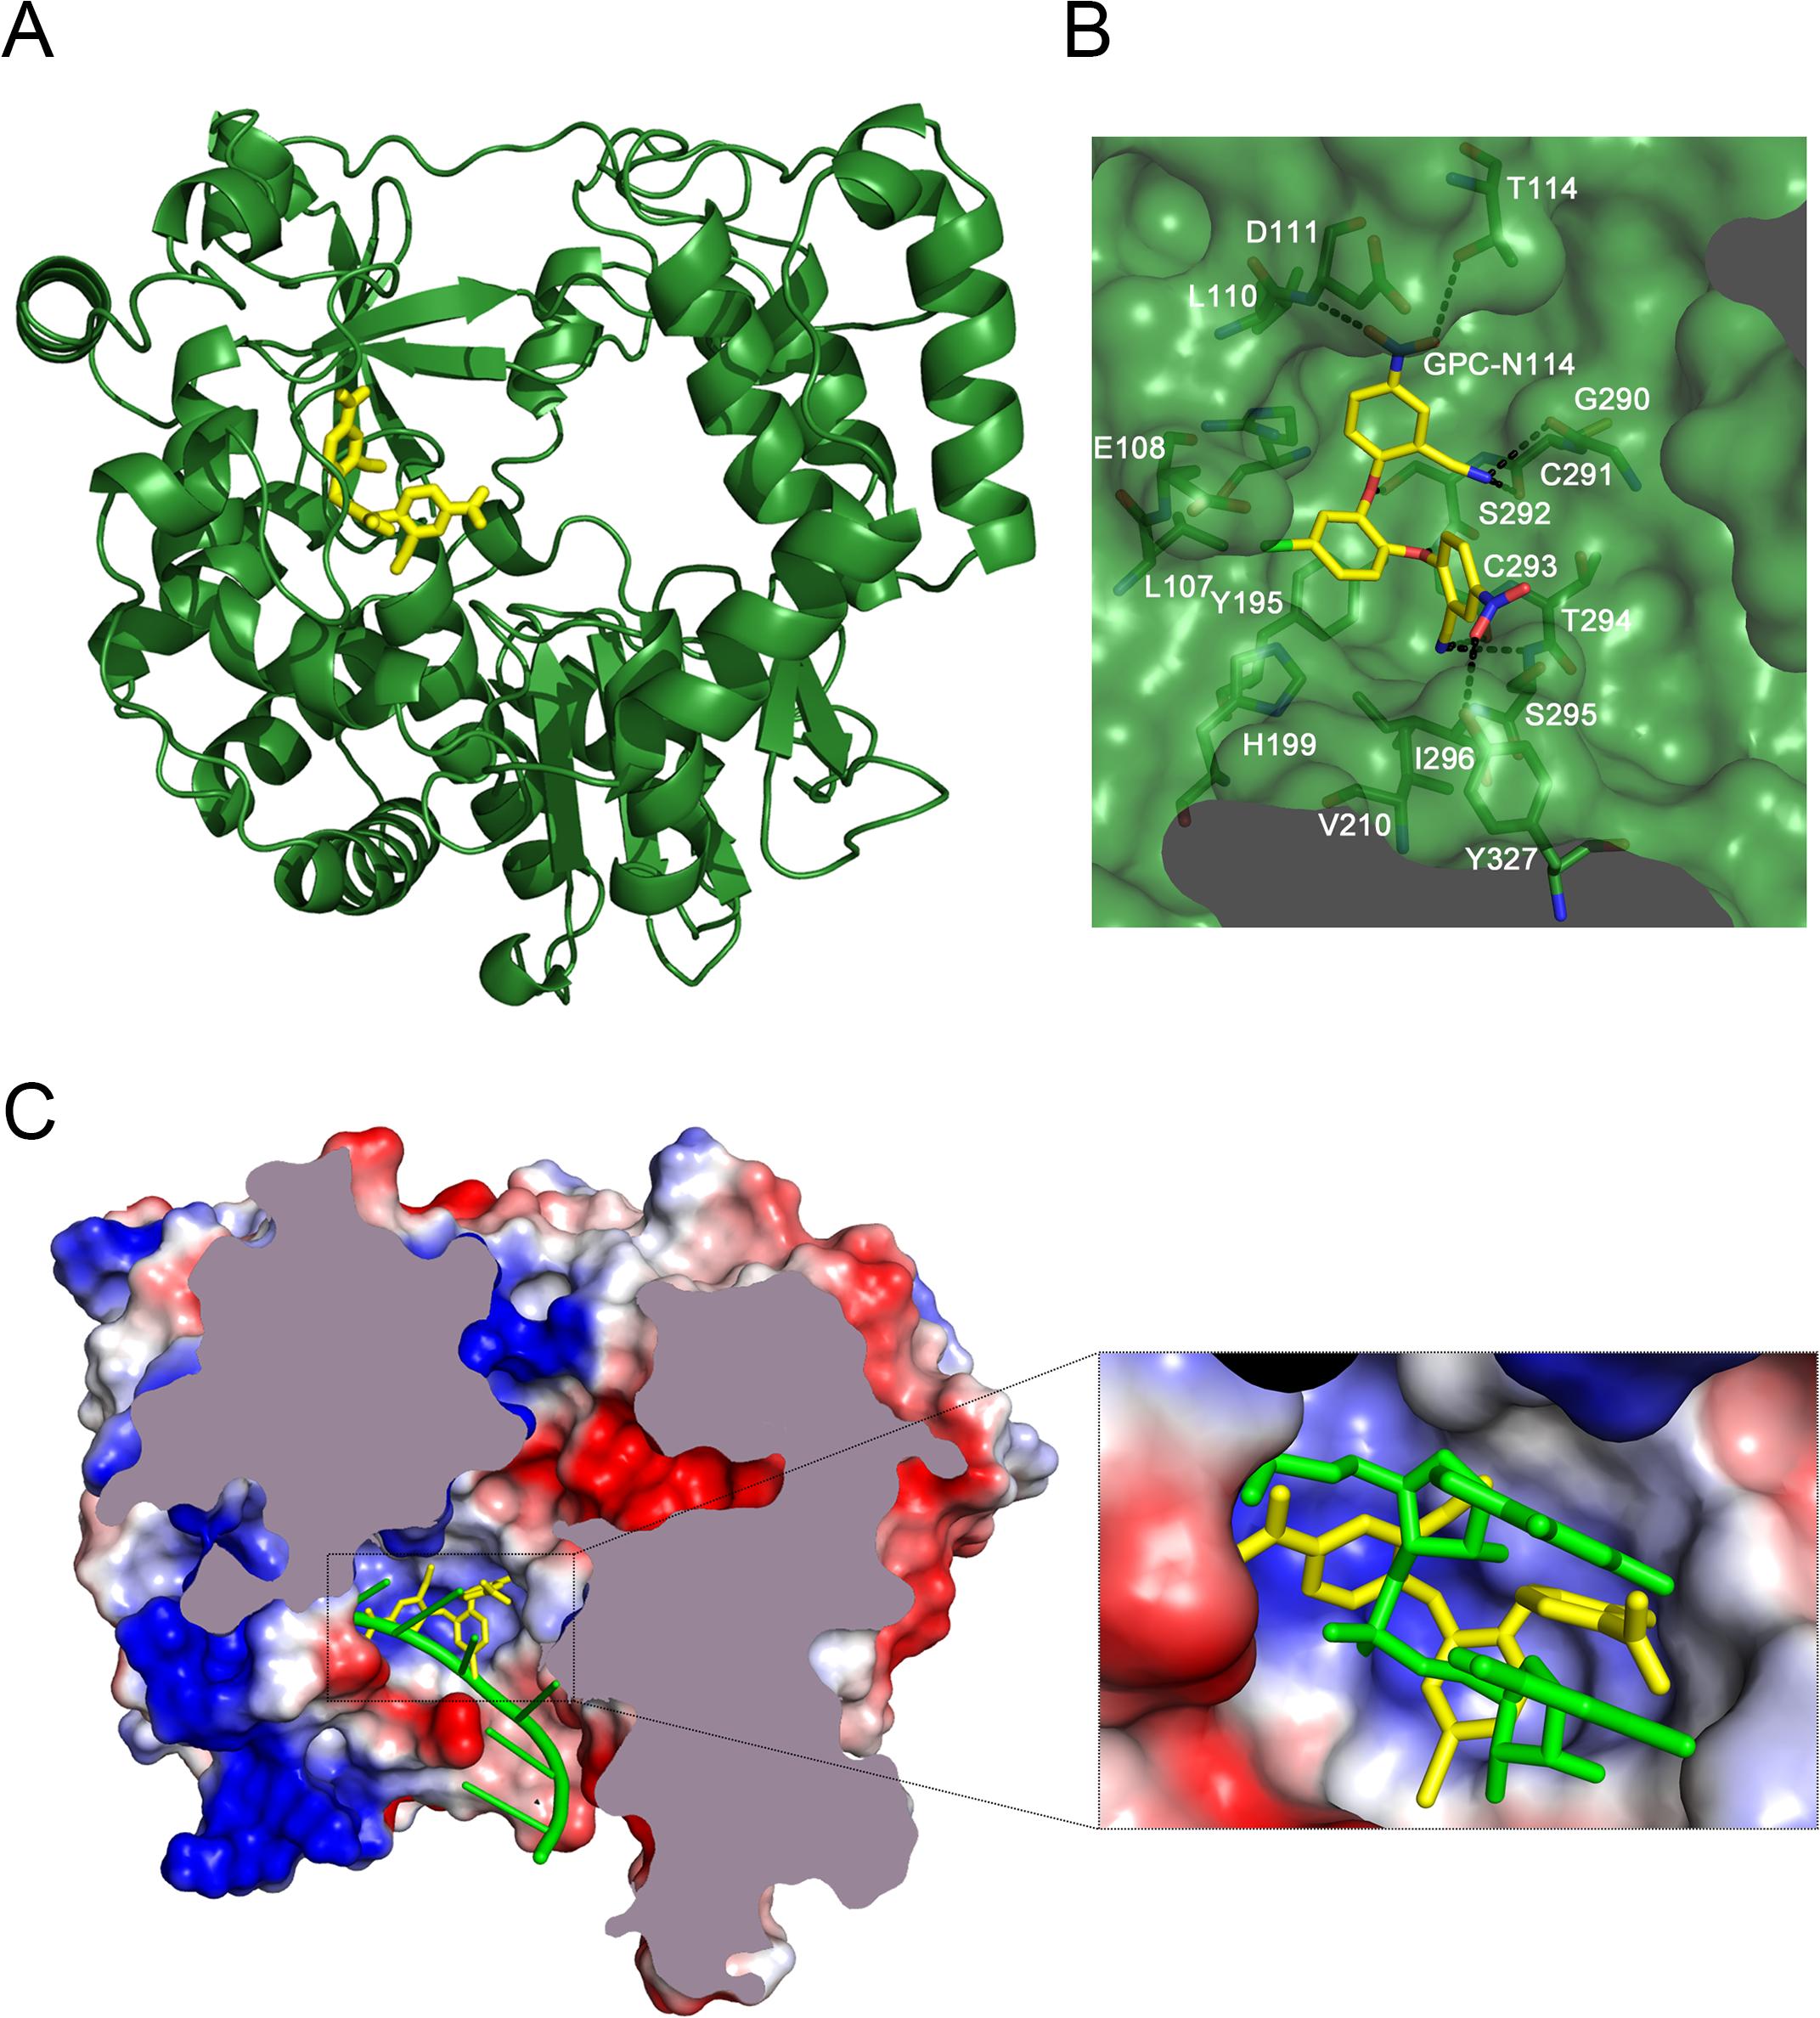 The binding site of GPC-N114 on CVB3 3D<sup>pol</sup>.